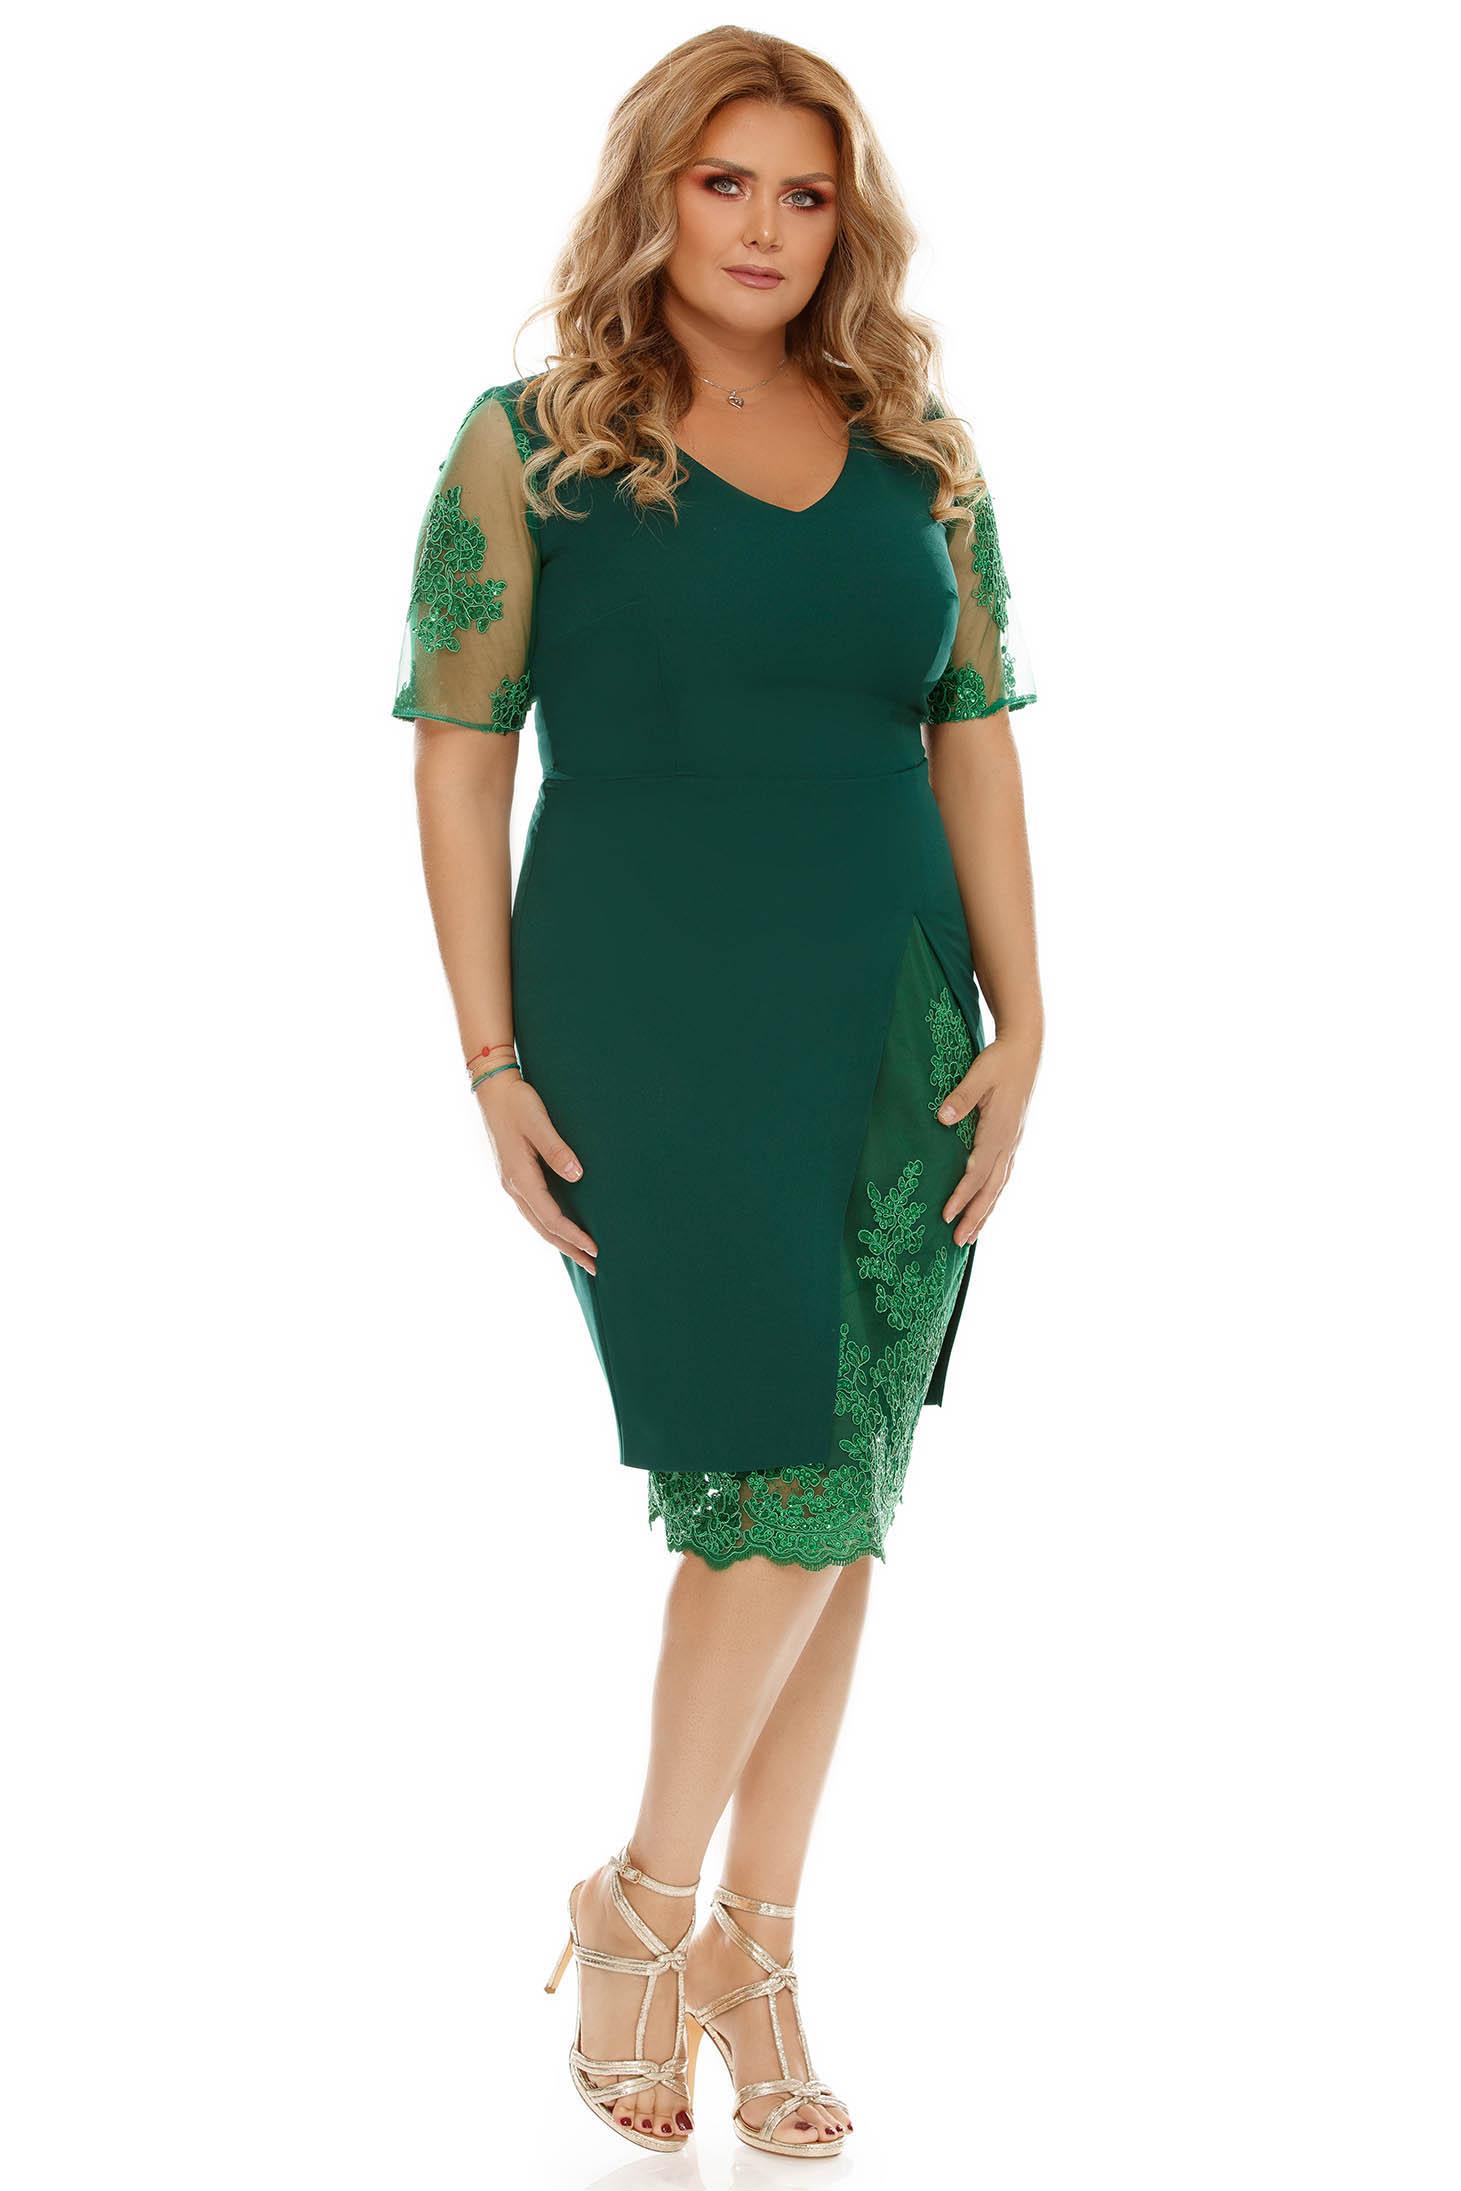 189d0c40e7 Zöld alkalmi ruha szűk szabás csipke díszítéssel enyhén elasztikus szövet